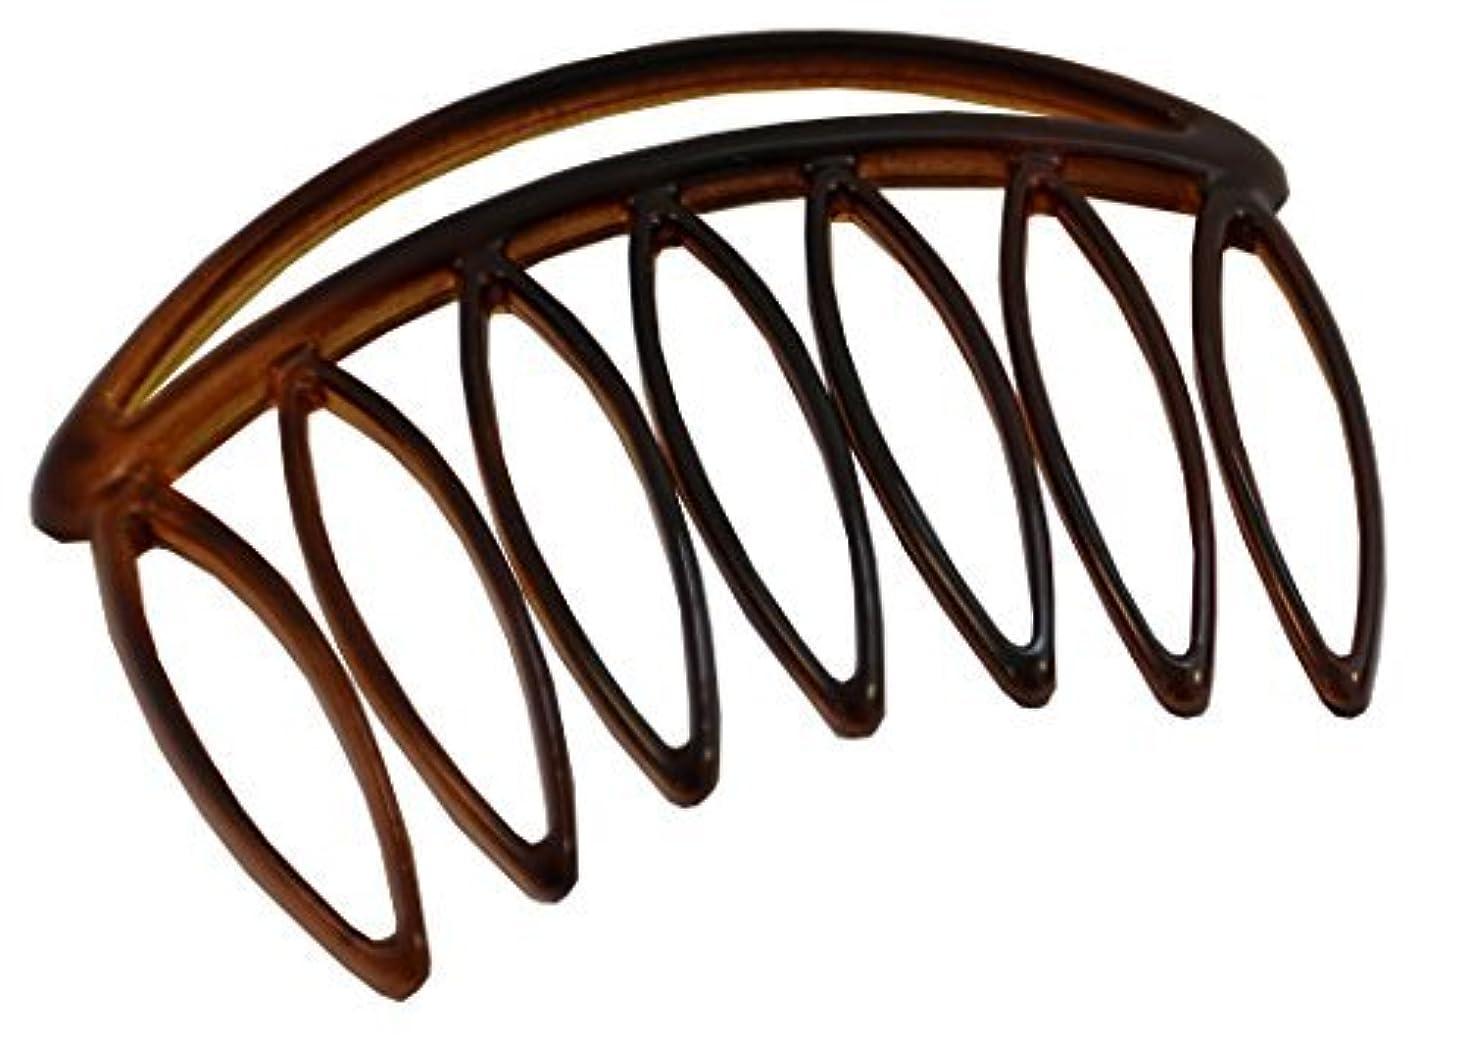 先今晩ミニチュアParcelona French Swift Large 7 Teeth Celluloid Shell Side Hair Combs (2 Pcs) [並行輸入品]